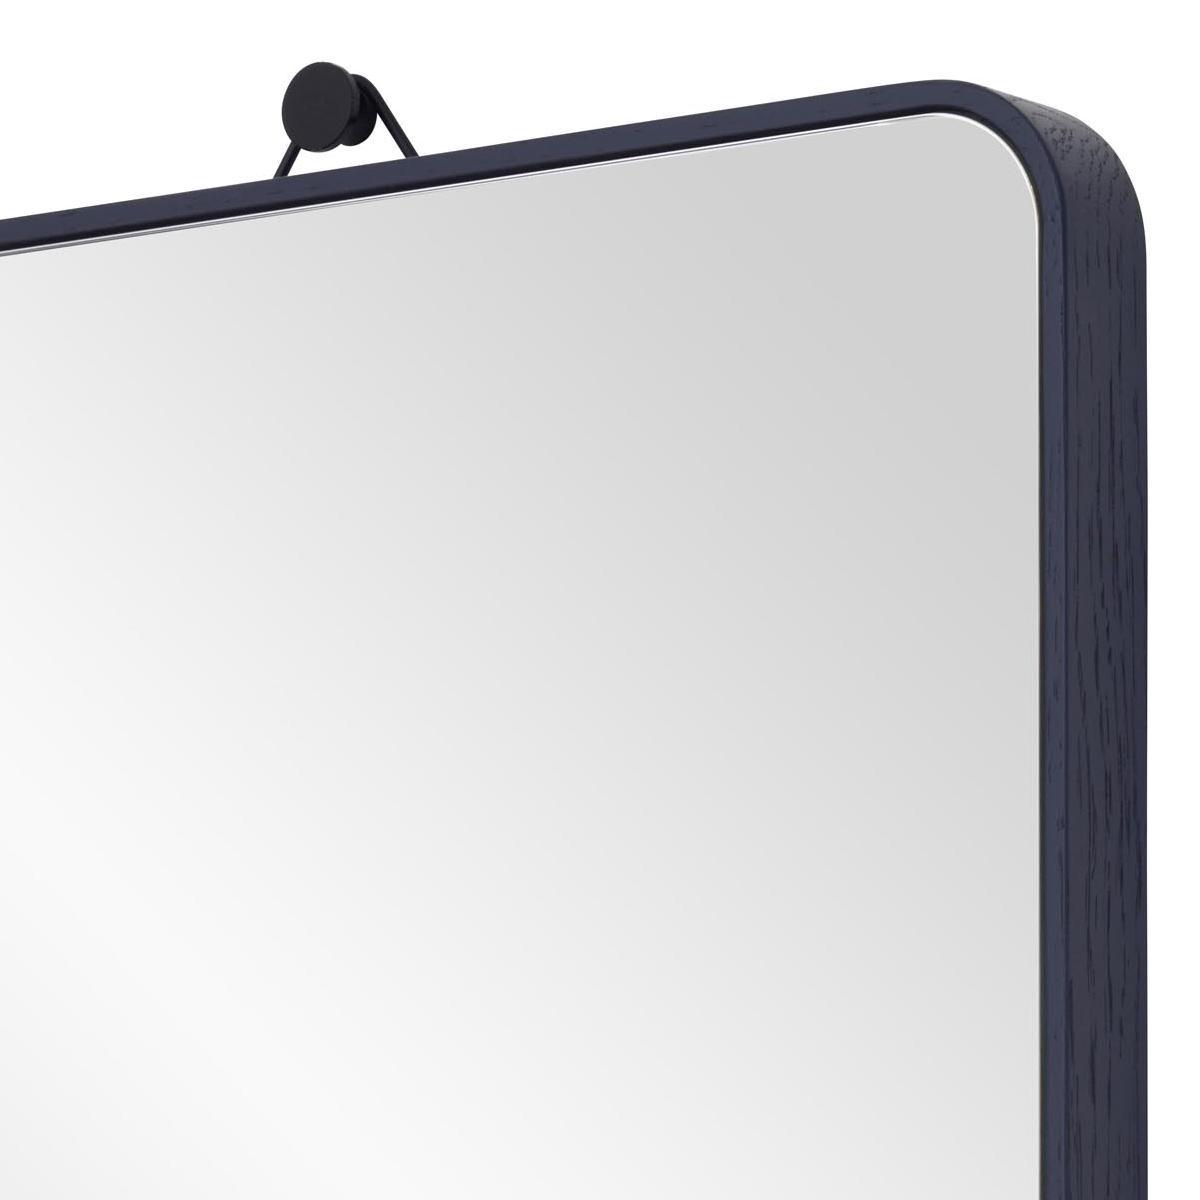 VIEW Spiegel nachblau mit gebogenen Ecken